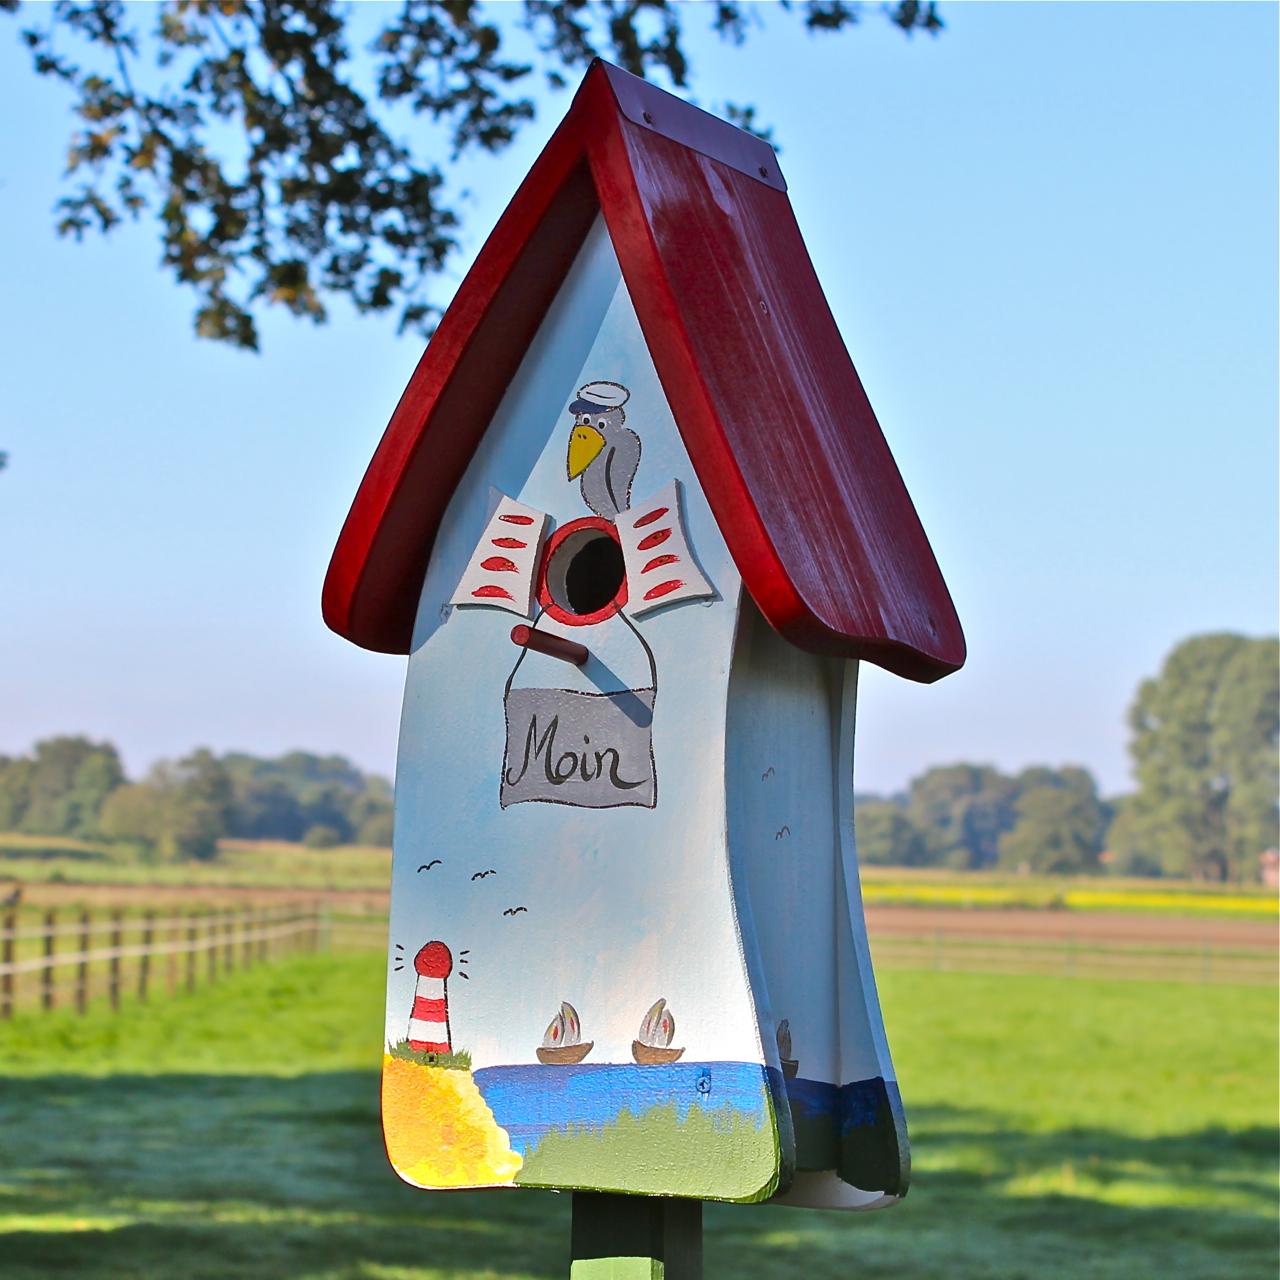 vogelvilla moin nistkasten vogel und naturschutzprodukte einfach online kaufen. Black Bedroom Furniture Sets. Home Design Ideas